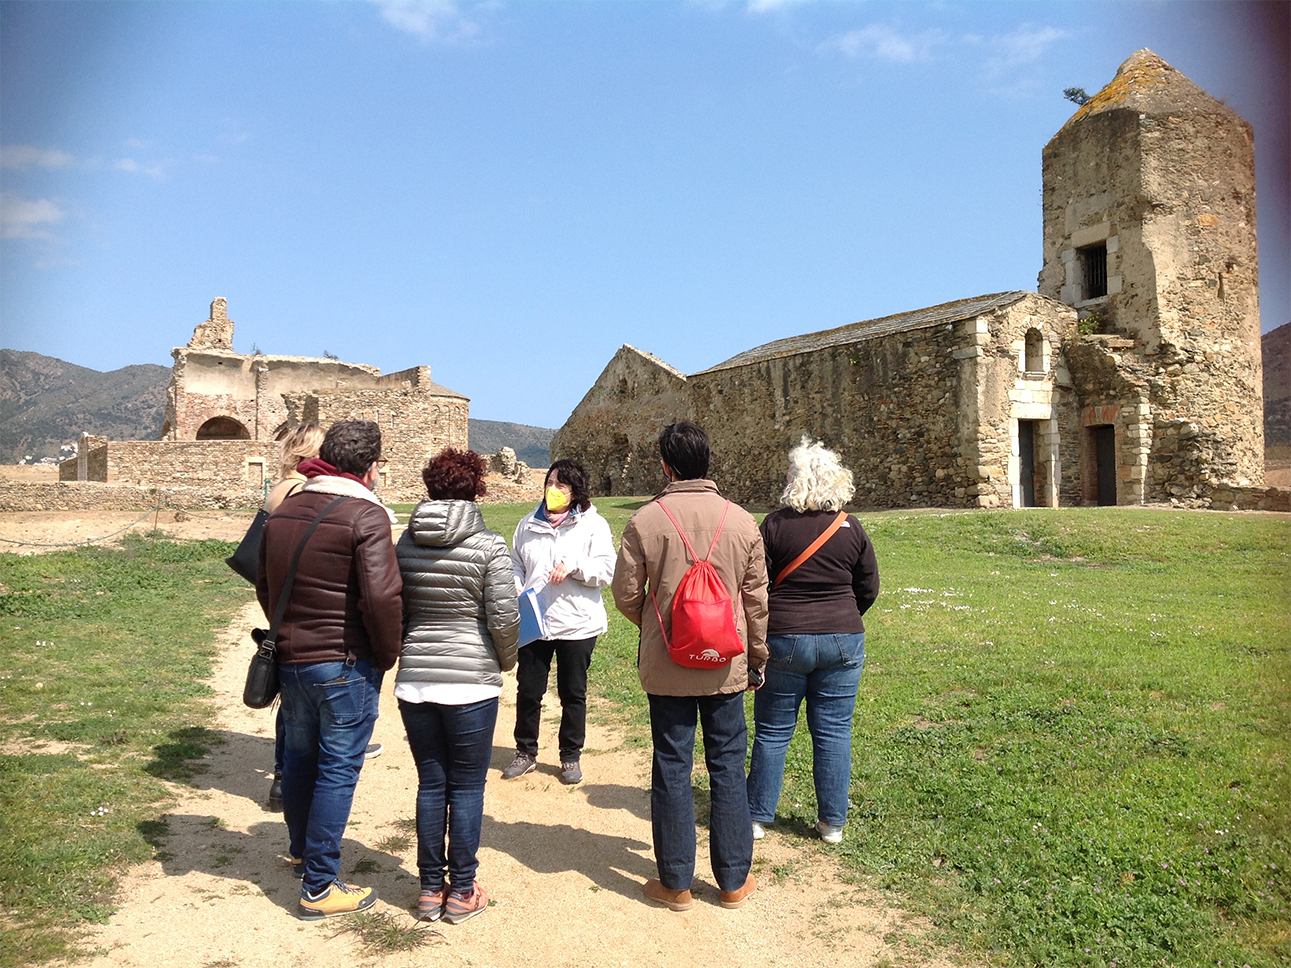 visita-a-la-vila-medieval-de-la-ciutadella - Roses - Empordaturisme